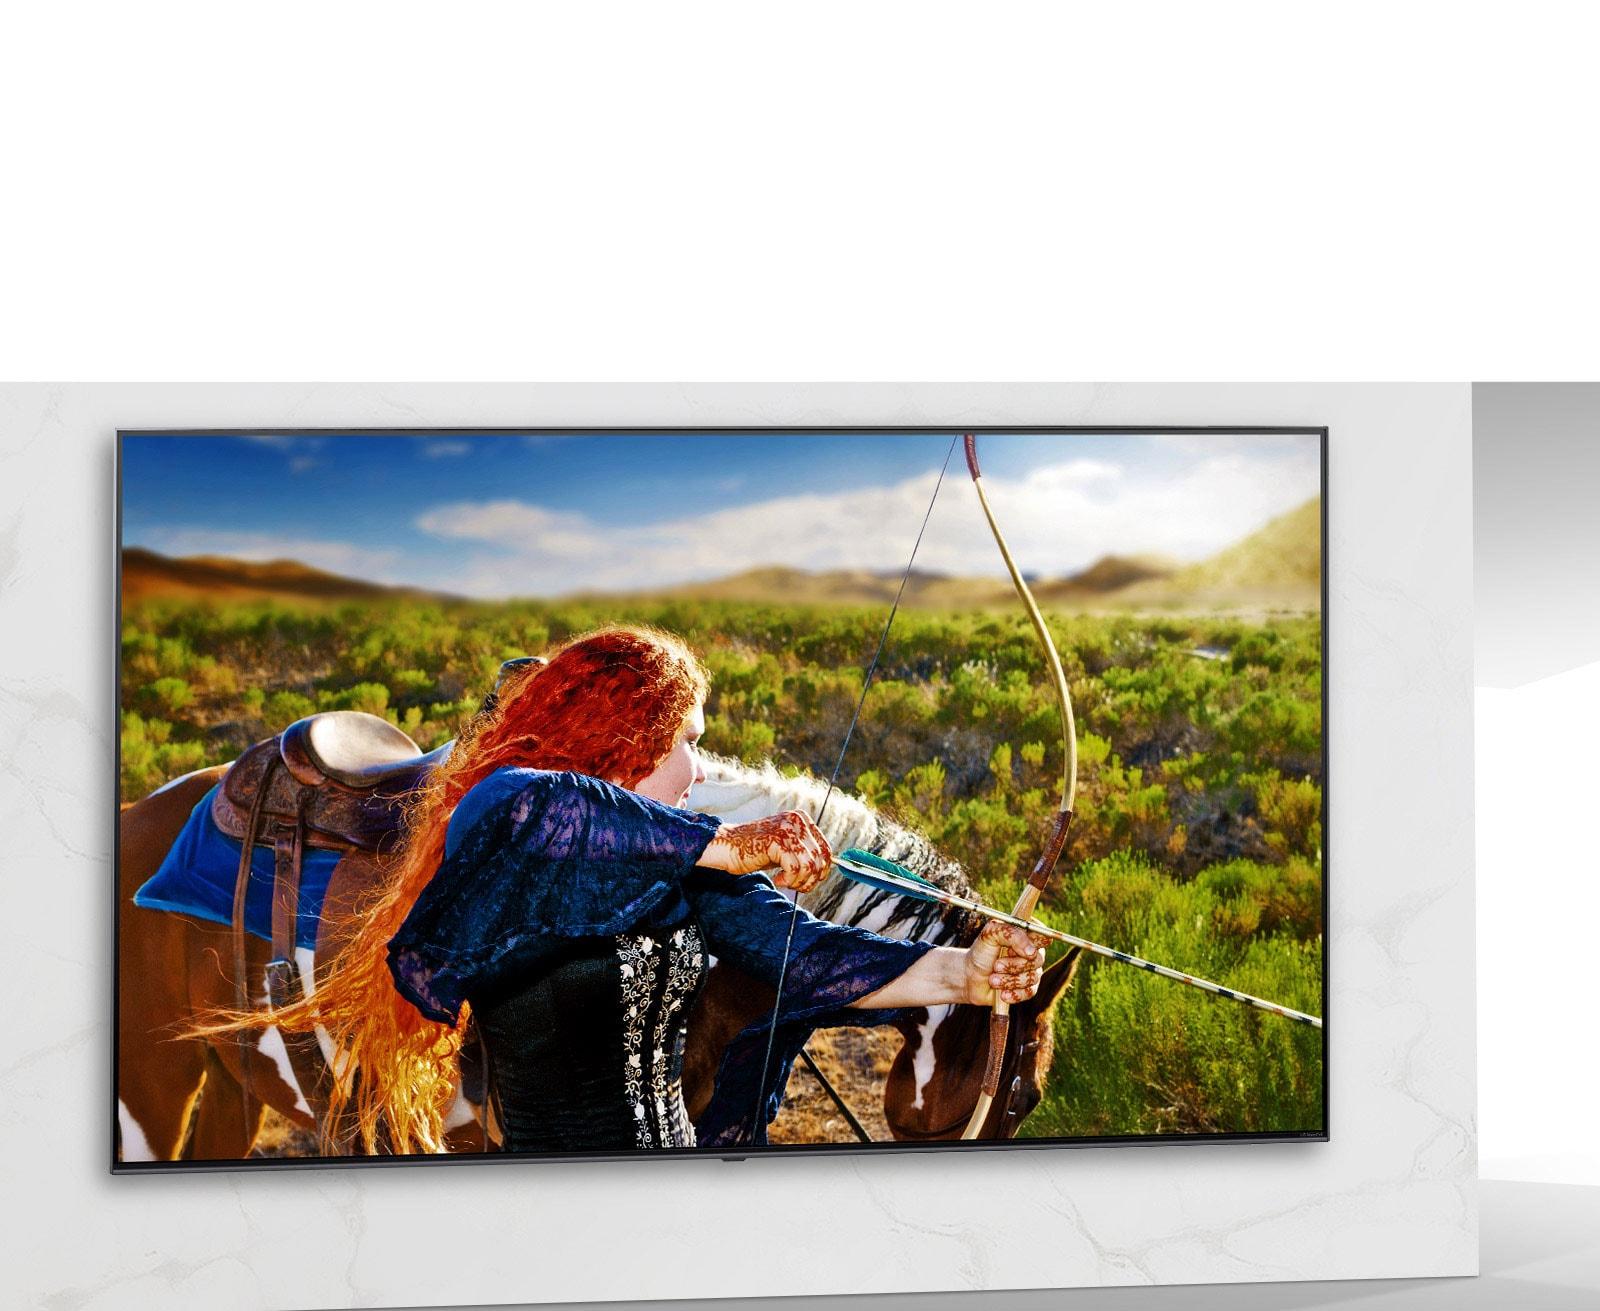 صور بيكسار التي لا تصدق على شاشة التلفزيون